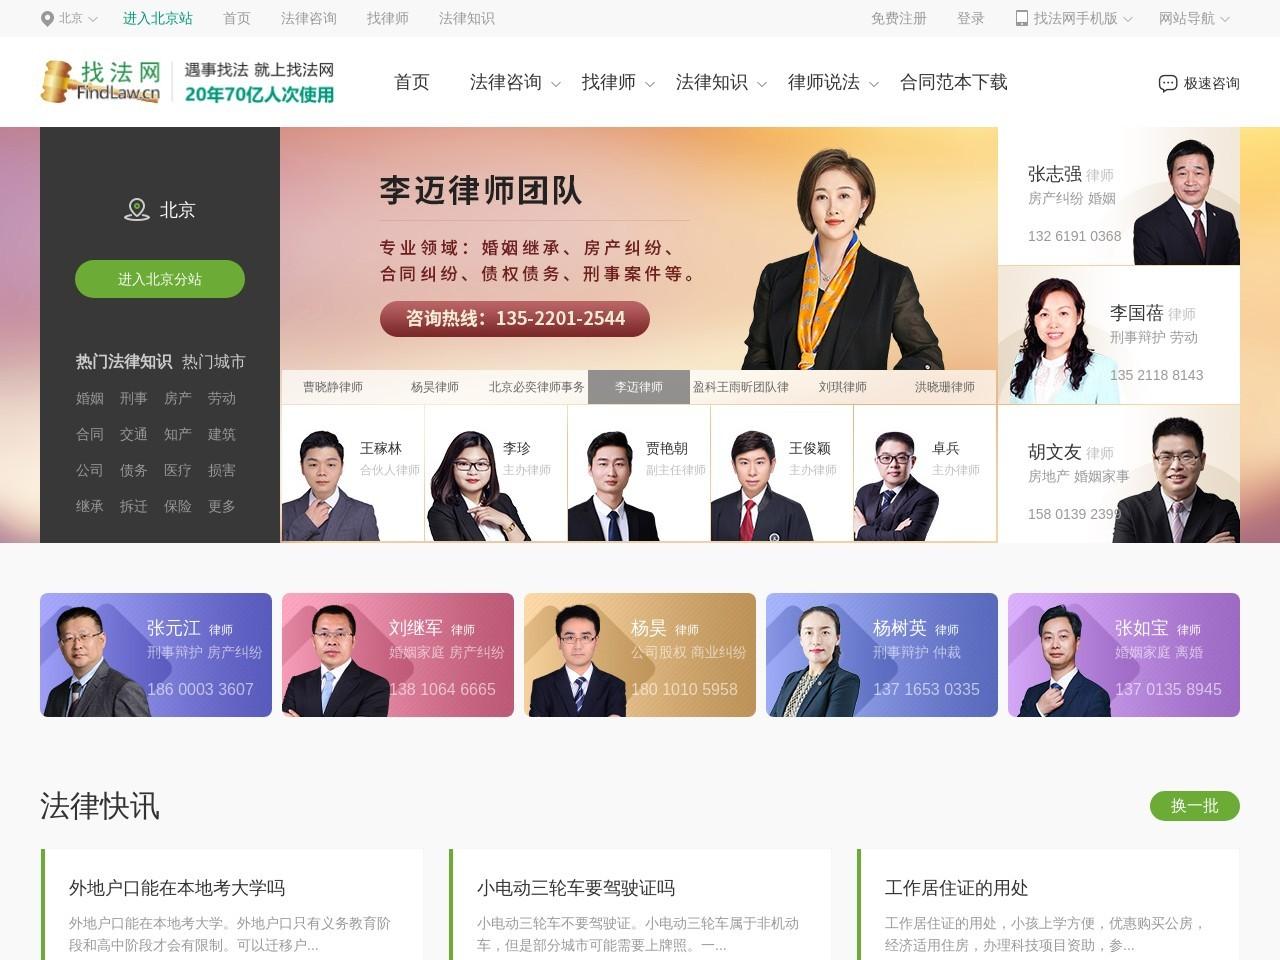 找法网_免费在线律师咨询